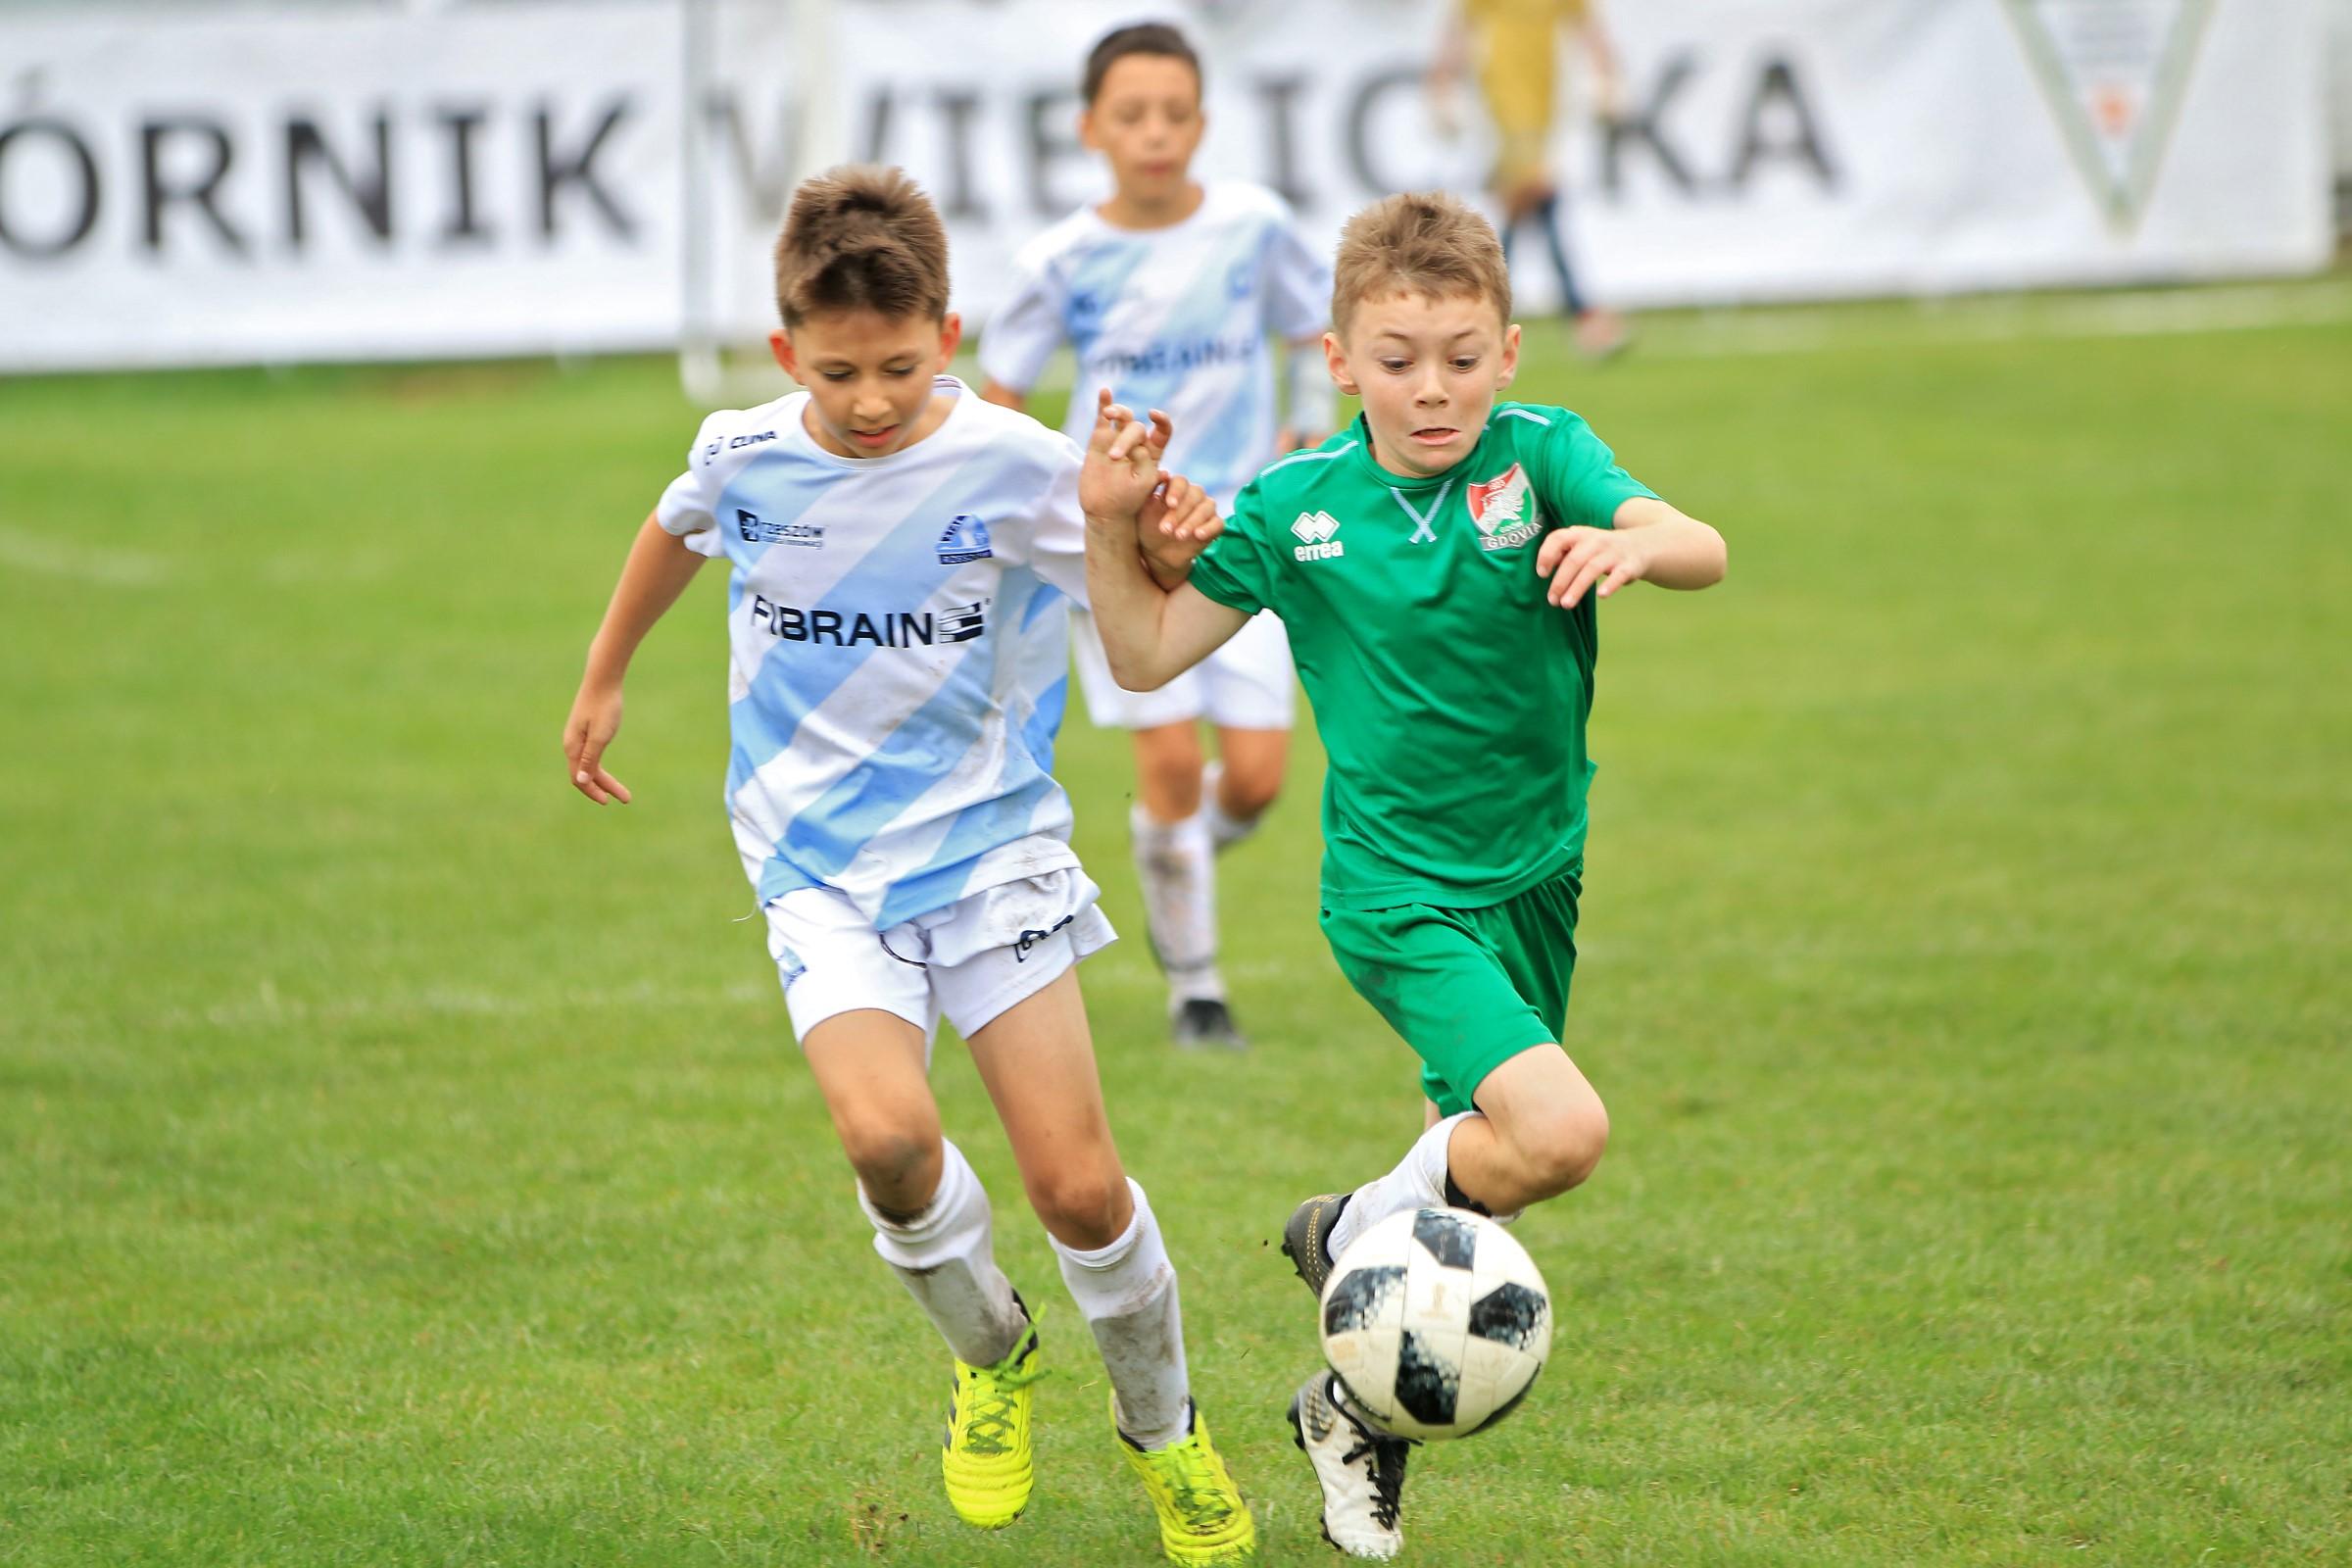 dwóch chłopców kopie piłkę